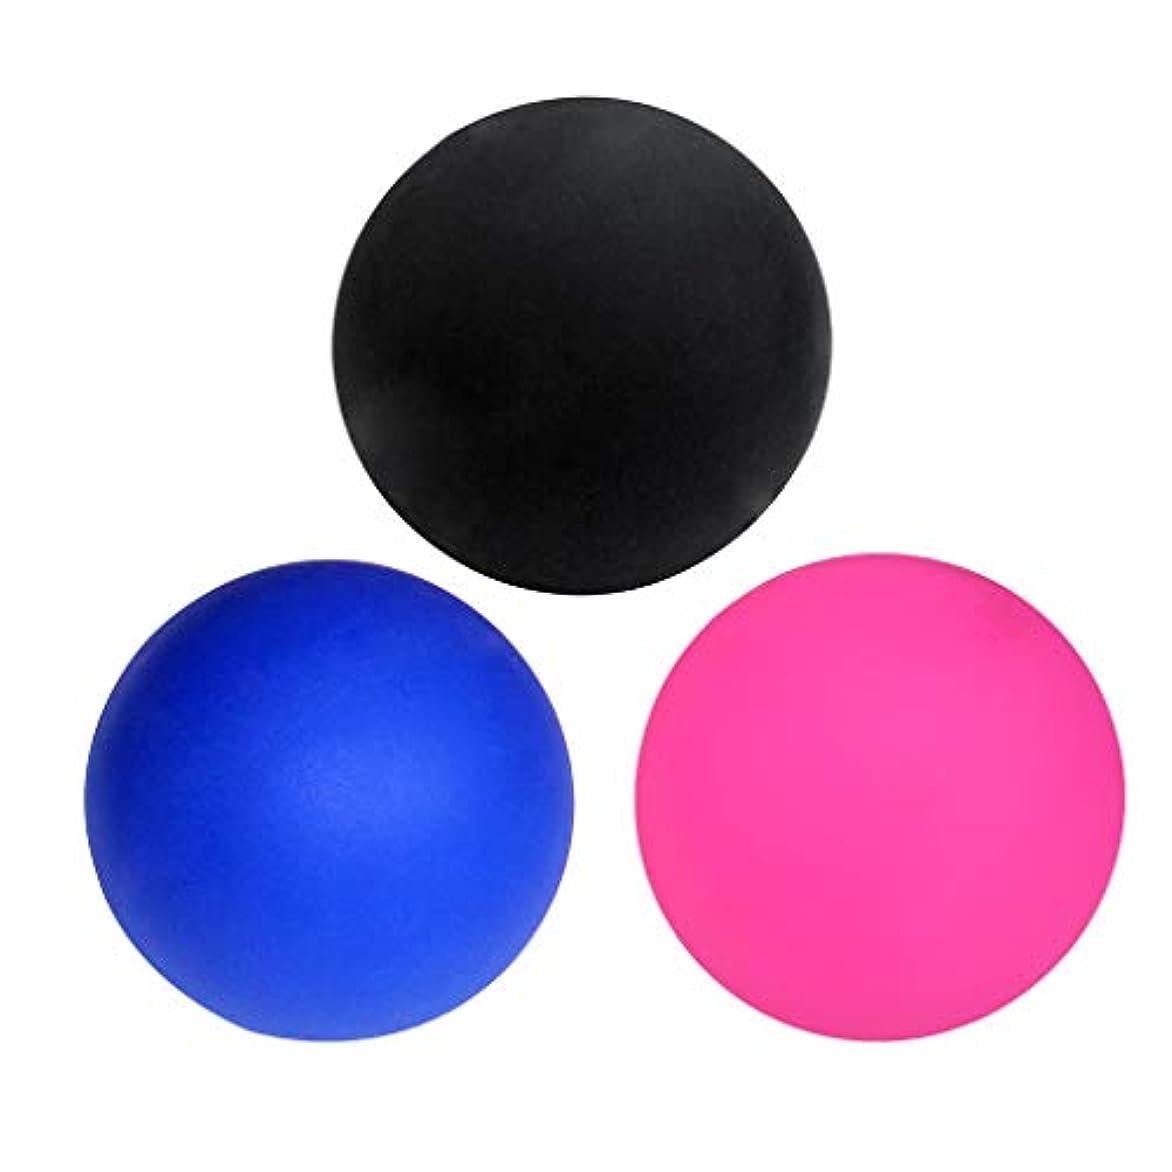 八比率つかの間chiwanji 3個 マッサージボール 筋膜リリース ラクロスボール トリガーポイント 疲れ解消ボール ツボ押しグッズ